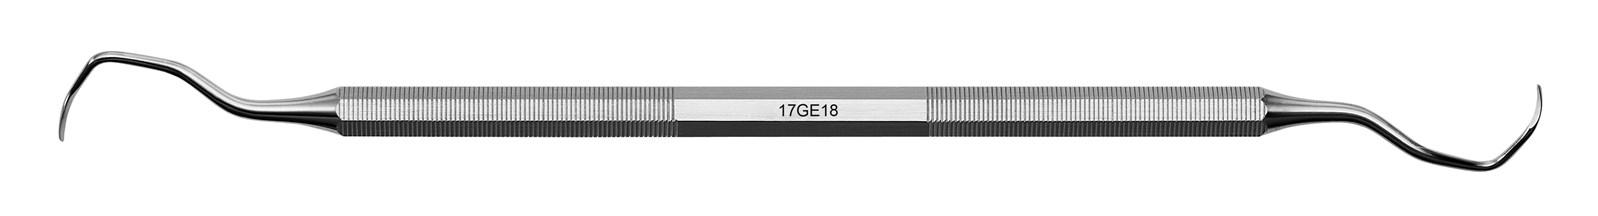 Kyreta Gracey Classic - 17GE18, ADEP silikonový návlek růžový